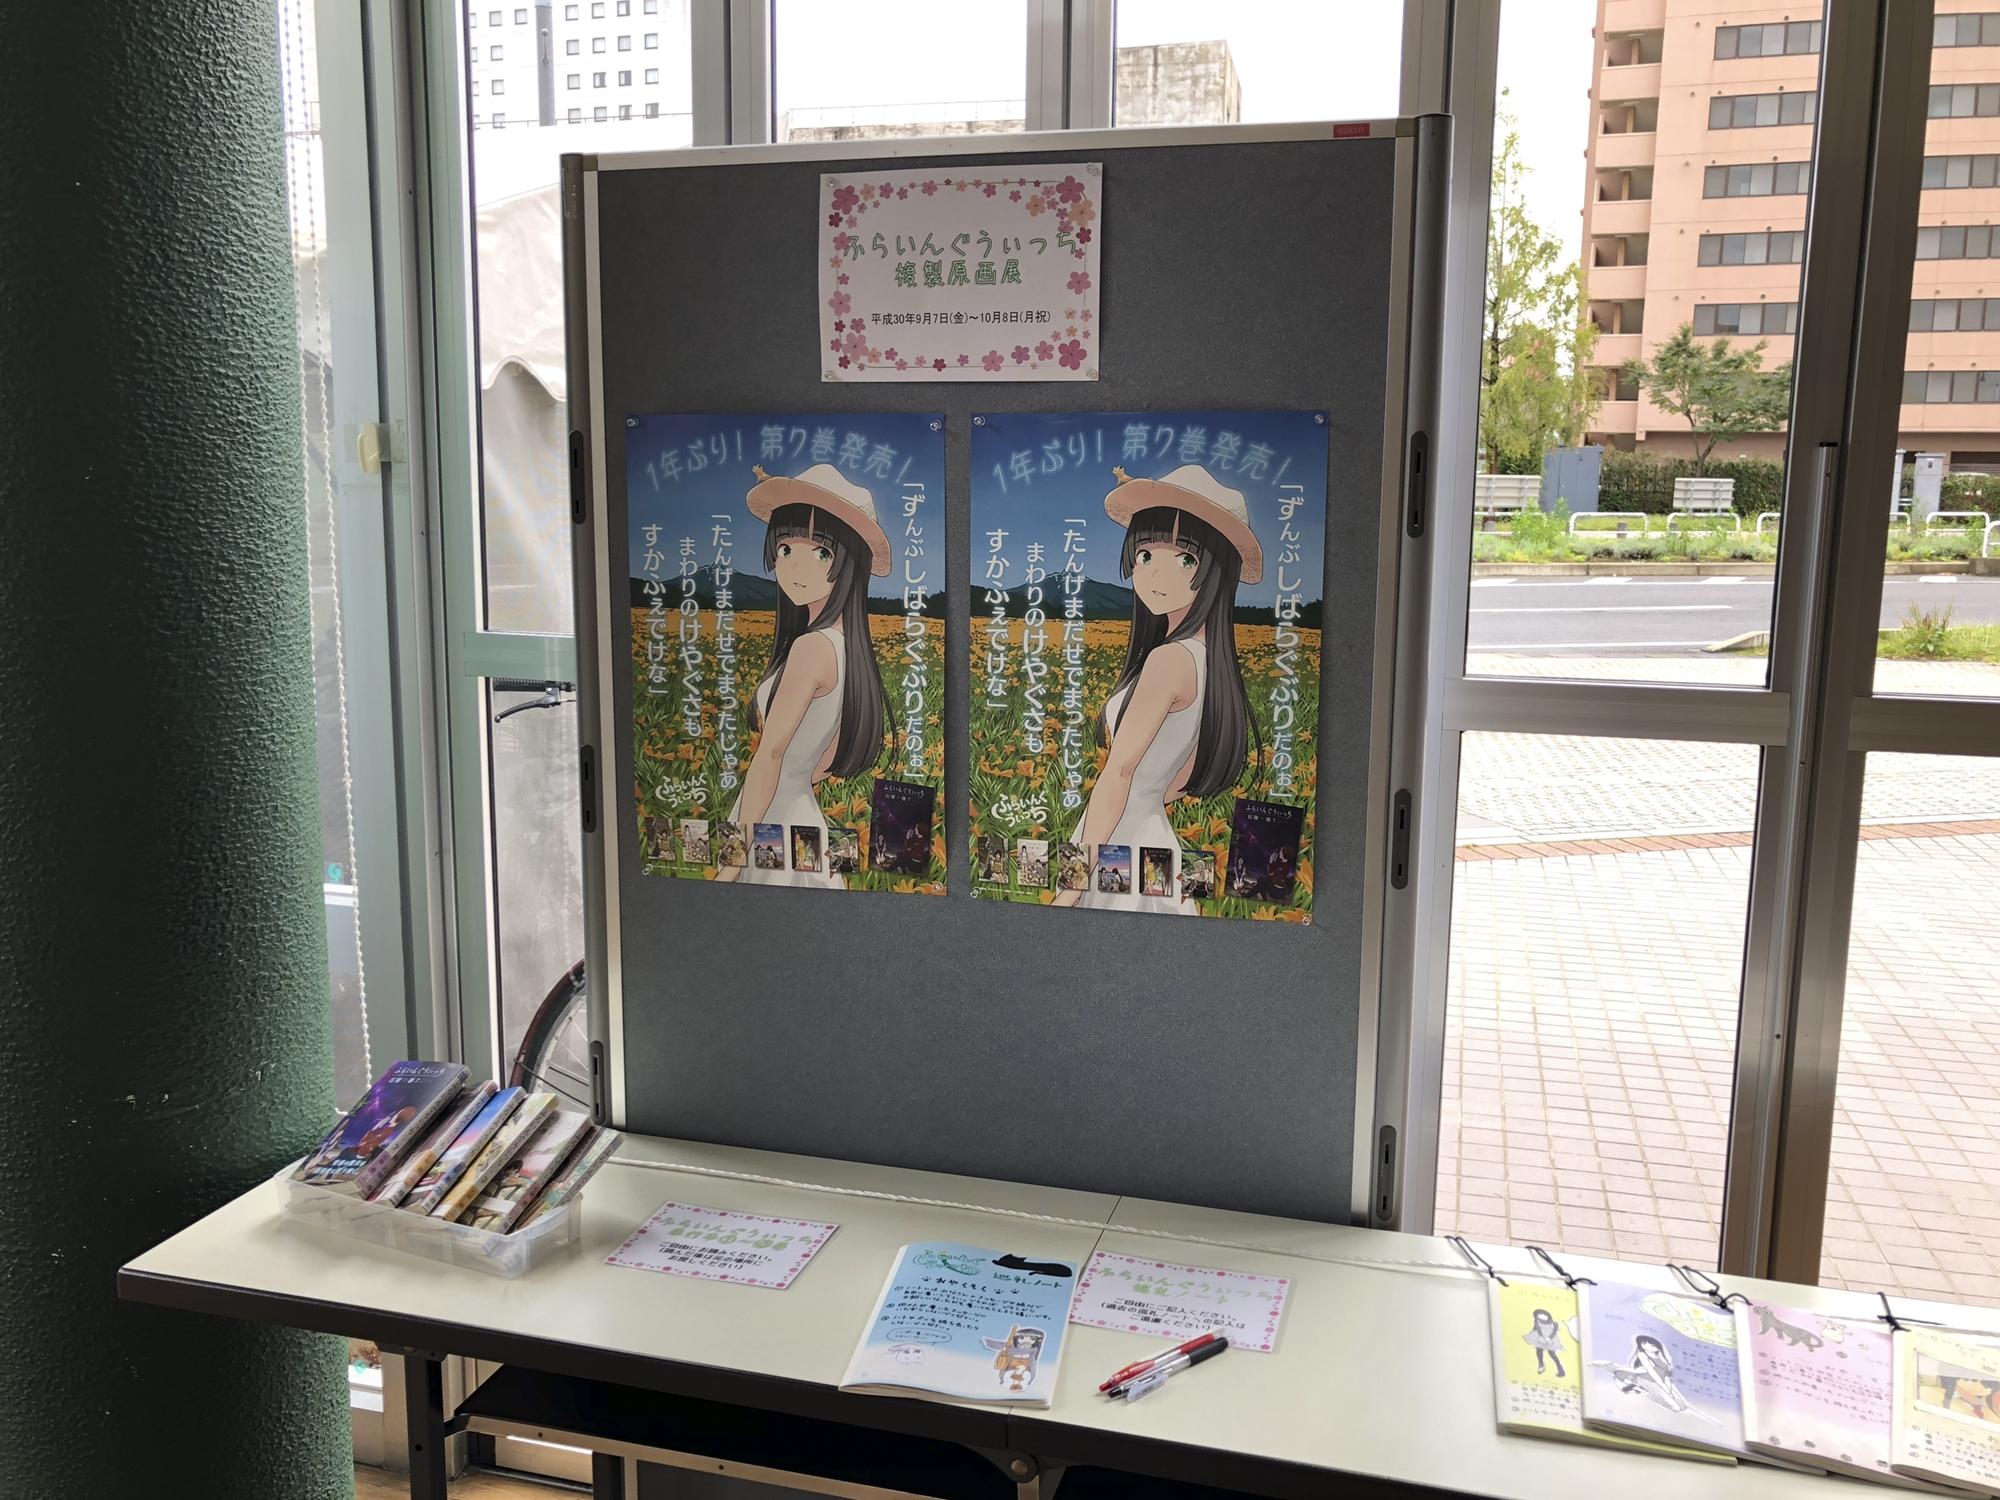 f:id:mitatowa:20181005183338j:plain